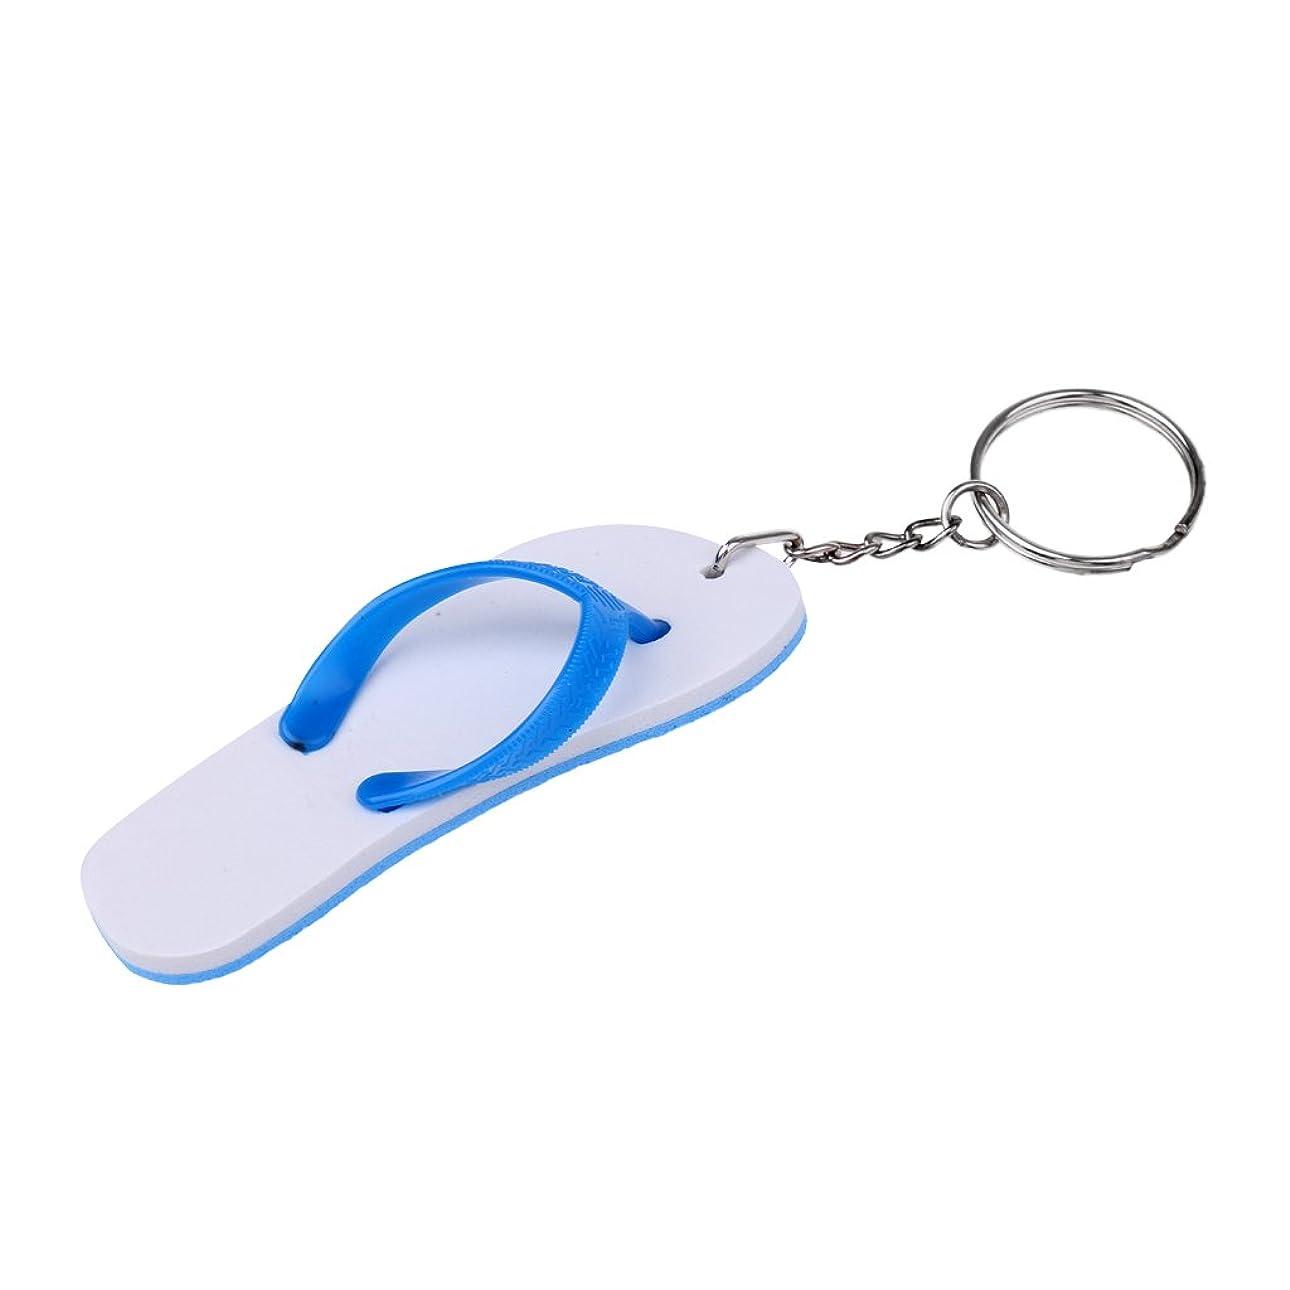 減らすスチール参照Sharplace ヨット ボート 浮動 フローティング キーリング キーチェーン キーリング ビーチスリッパ形状